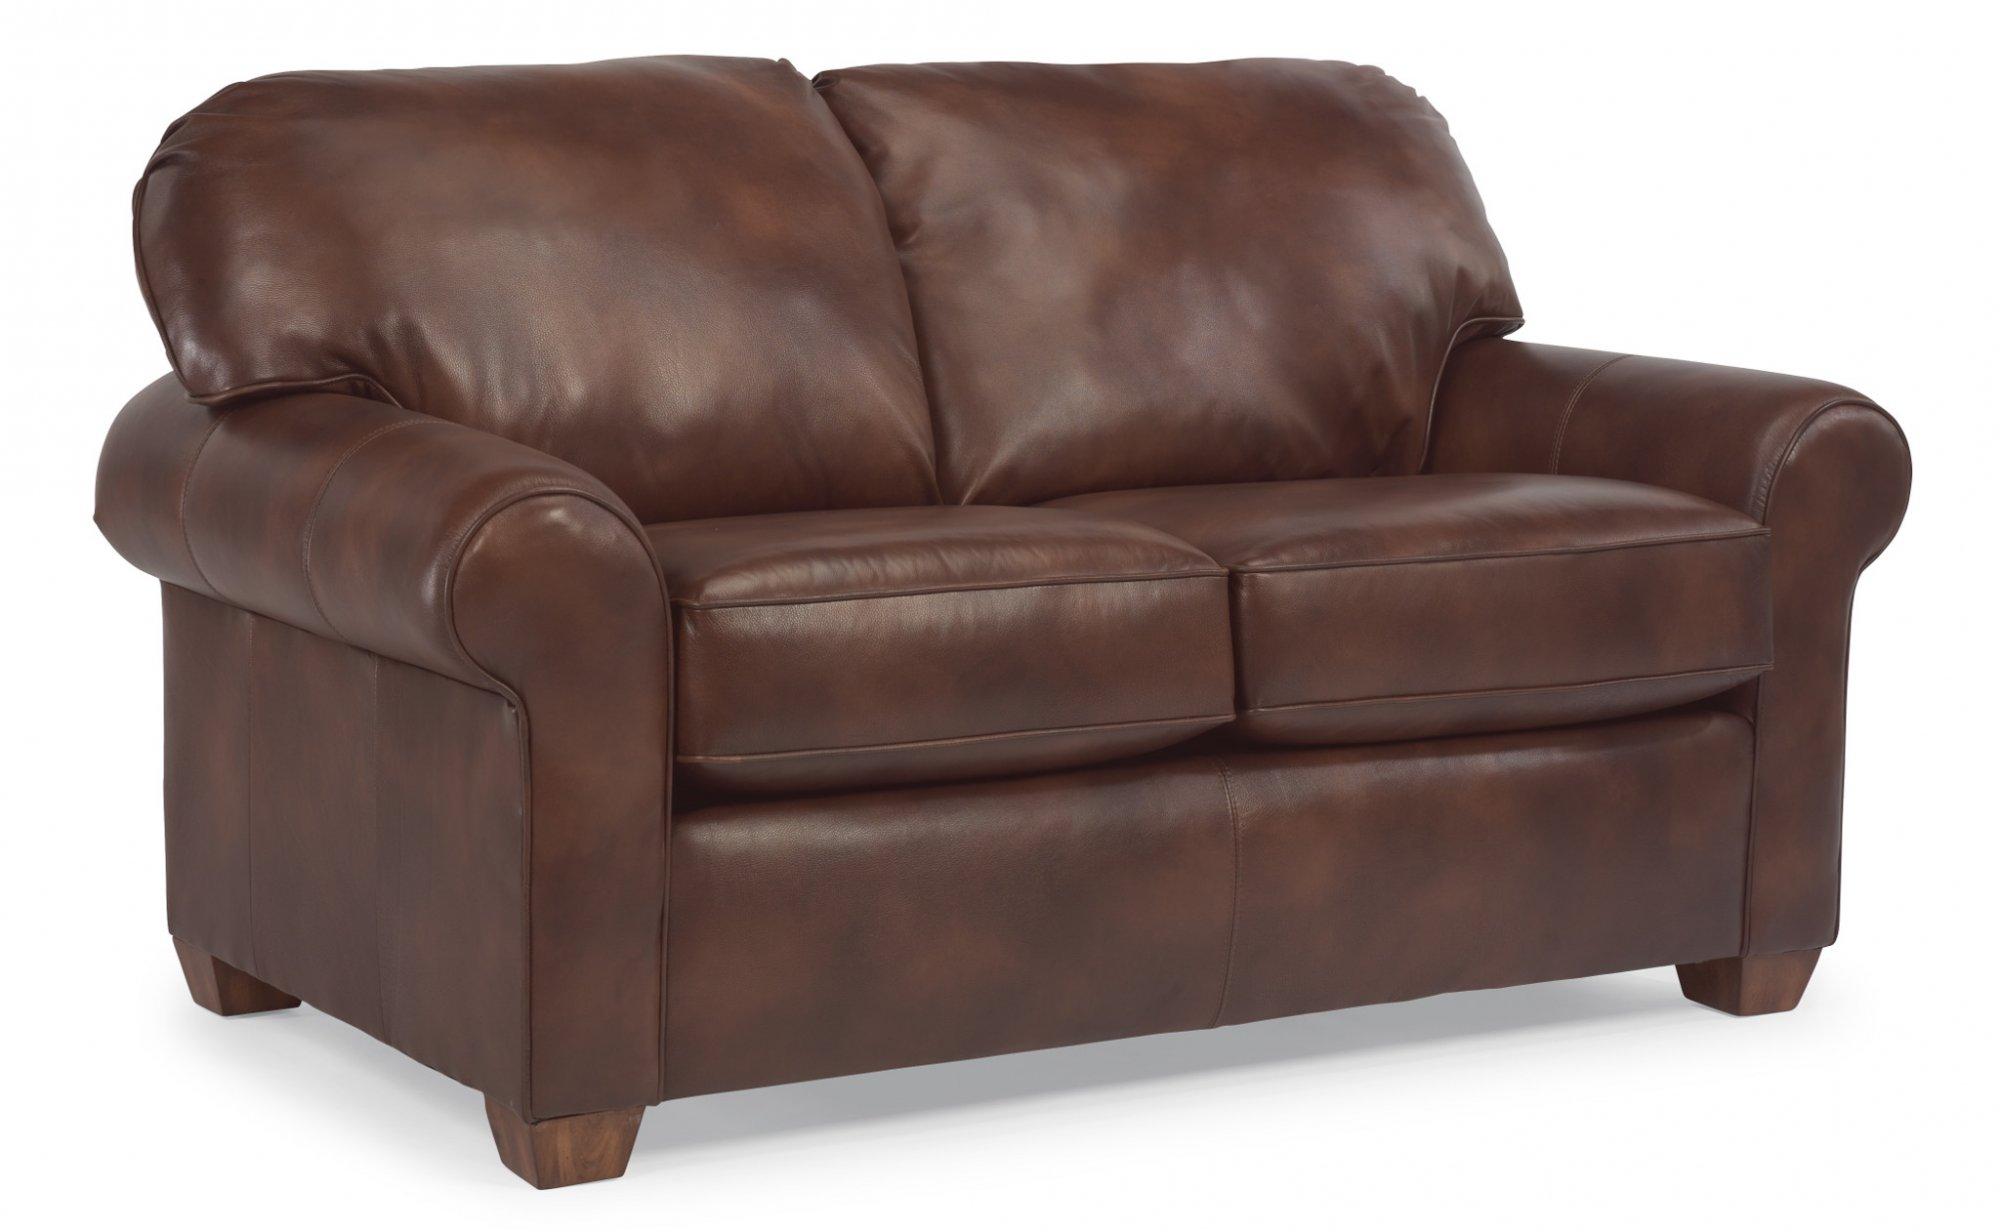 Flexsteel Thornton  Leather Loveseat